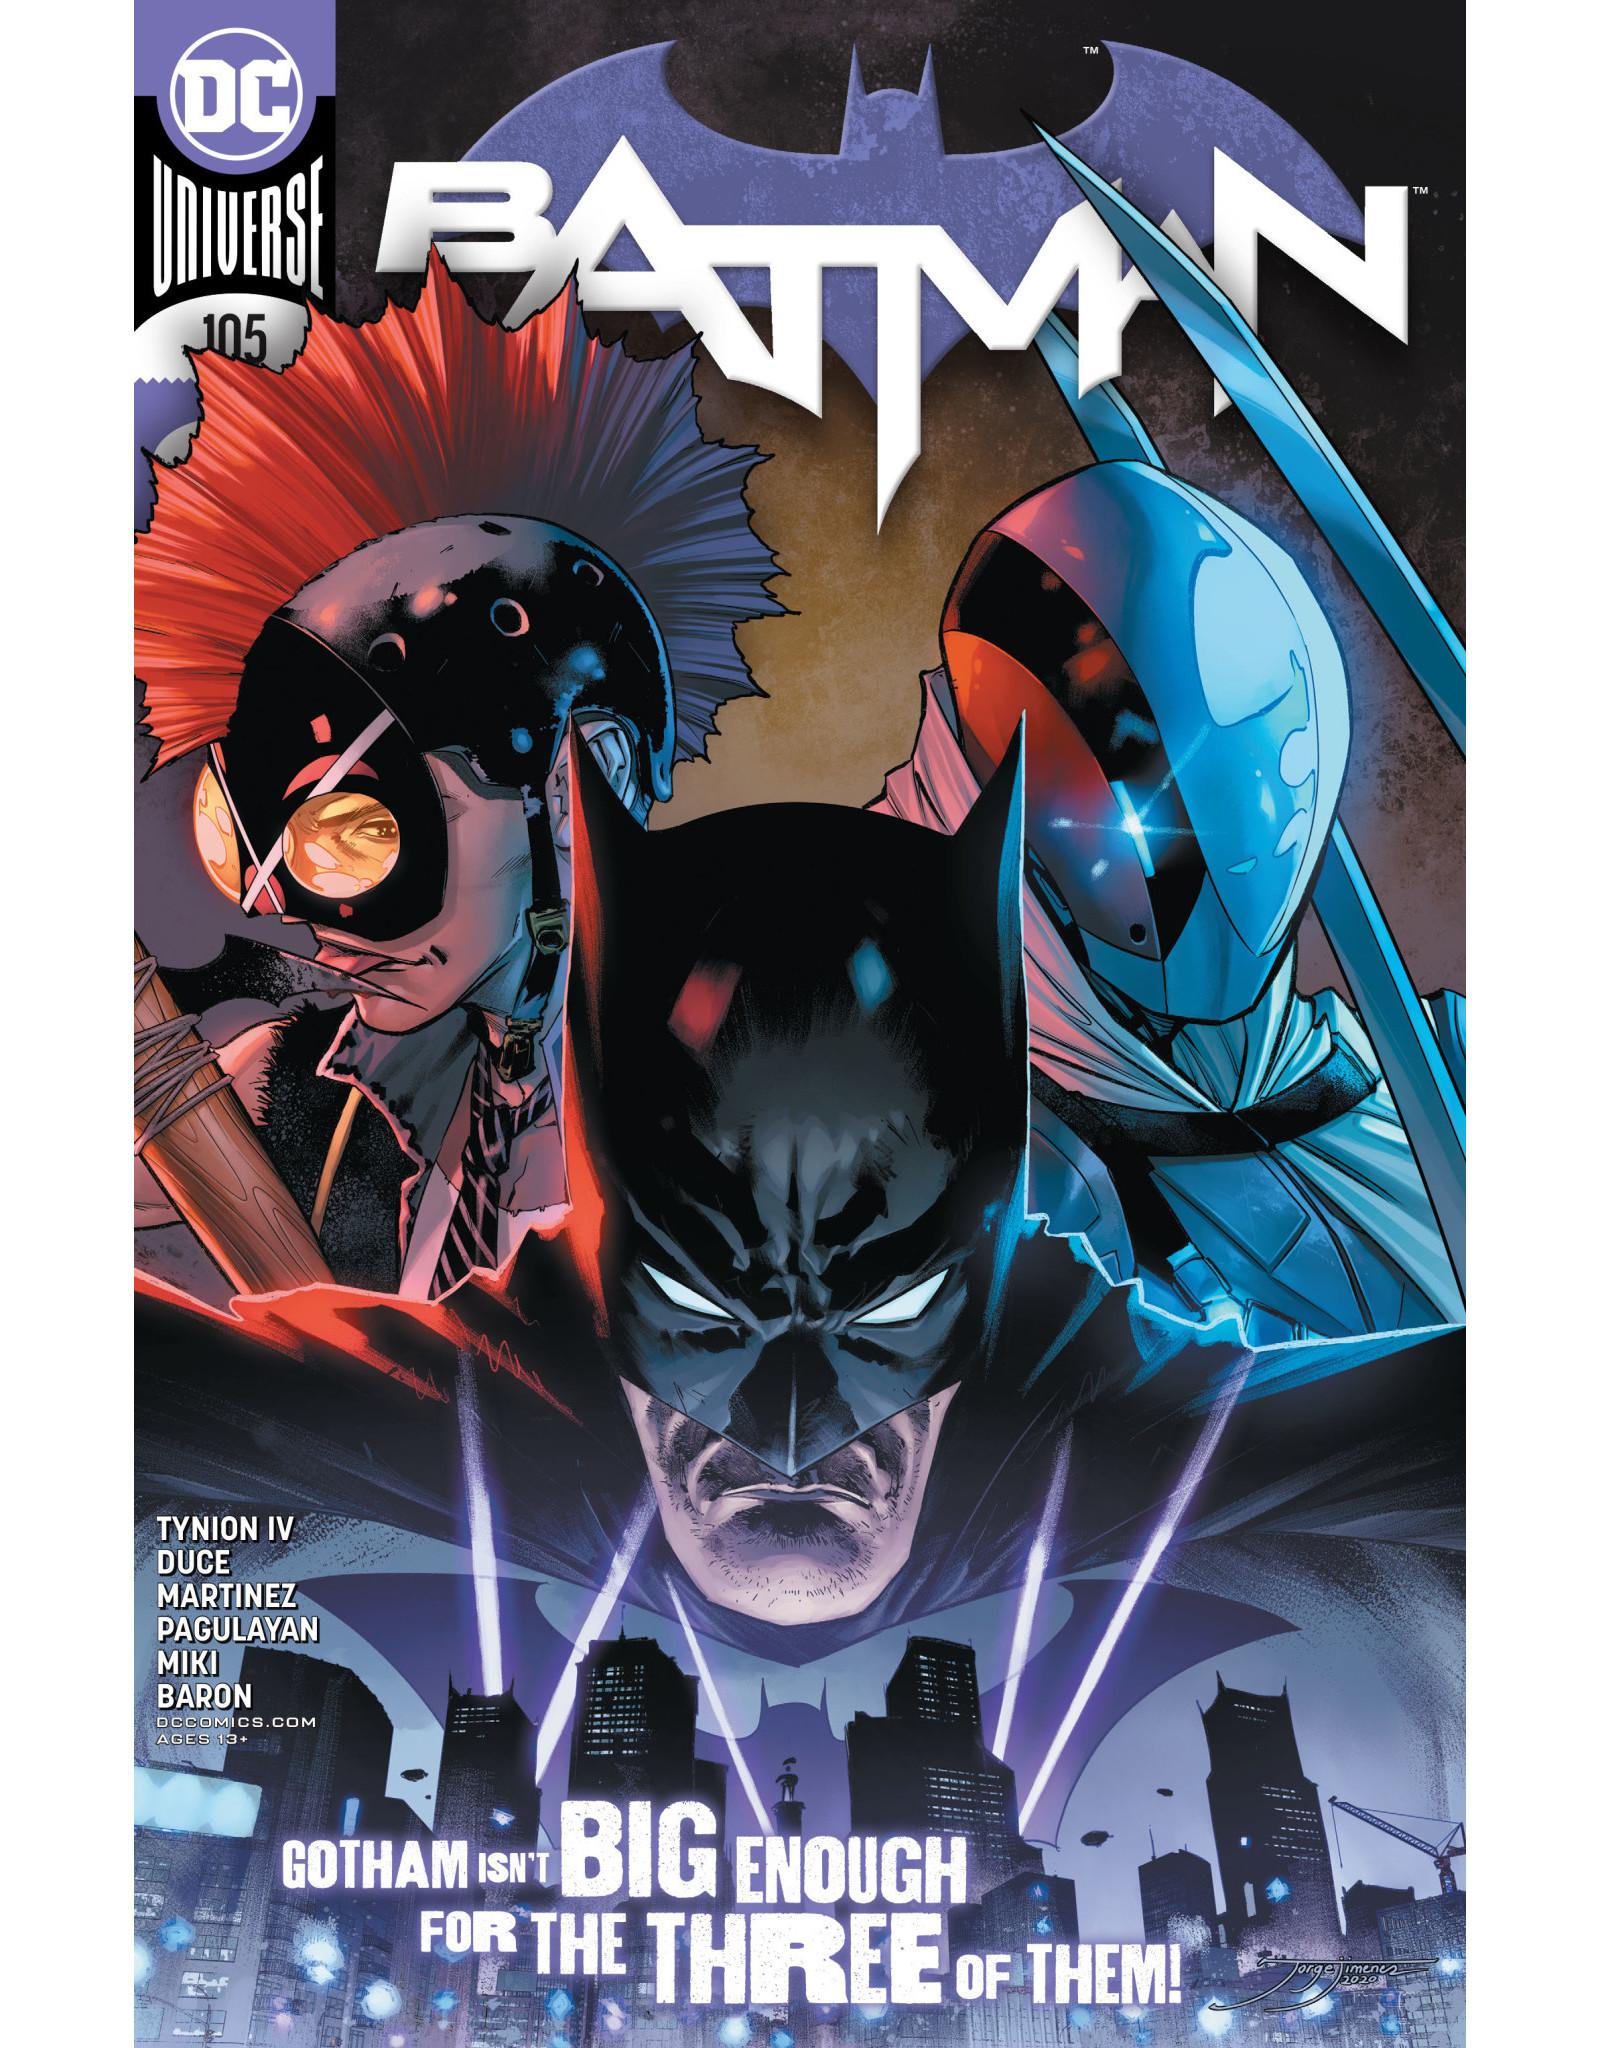 DC Comics BATMAN #105 CVR A JORGE JIMENEZ